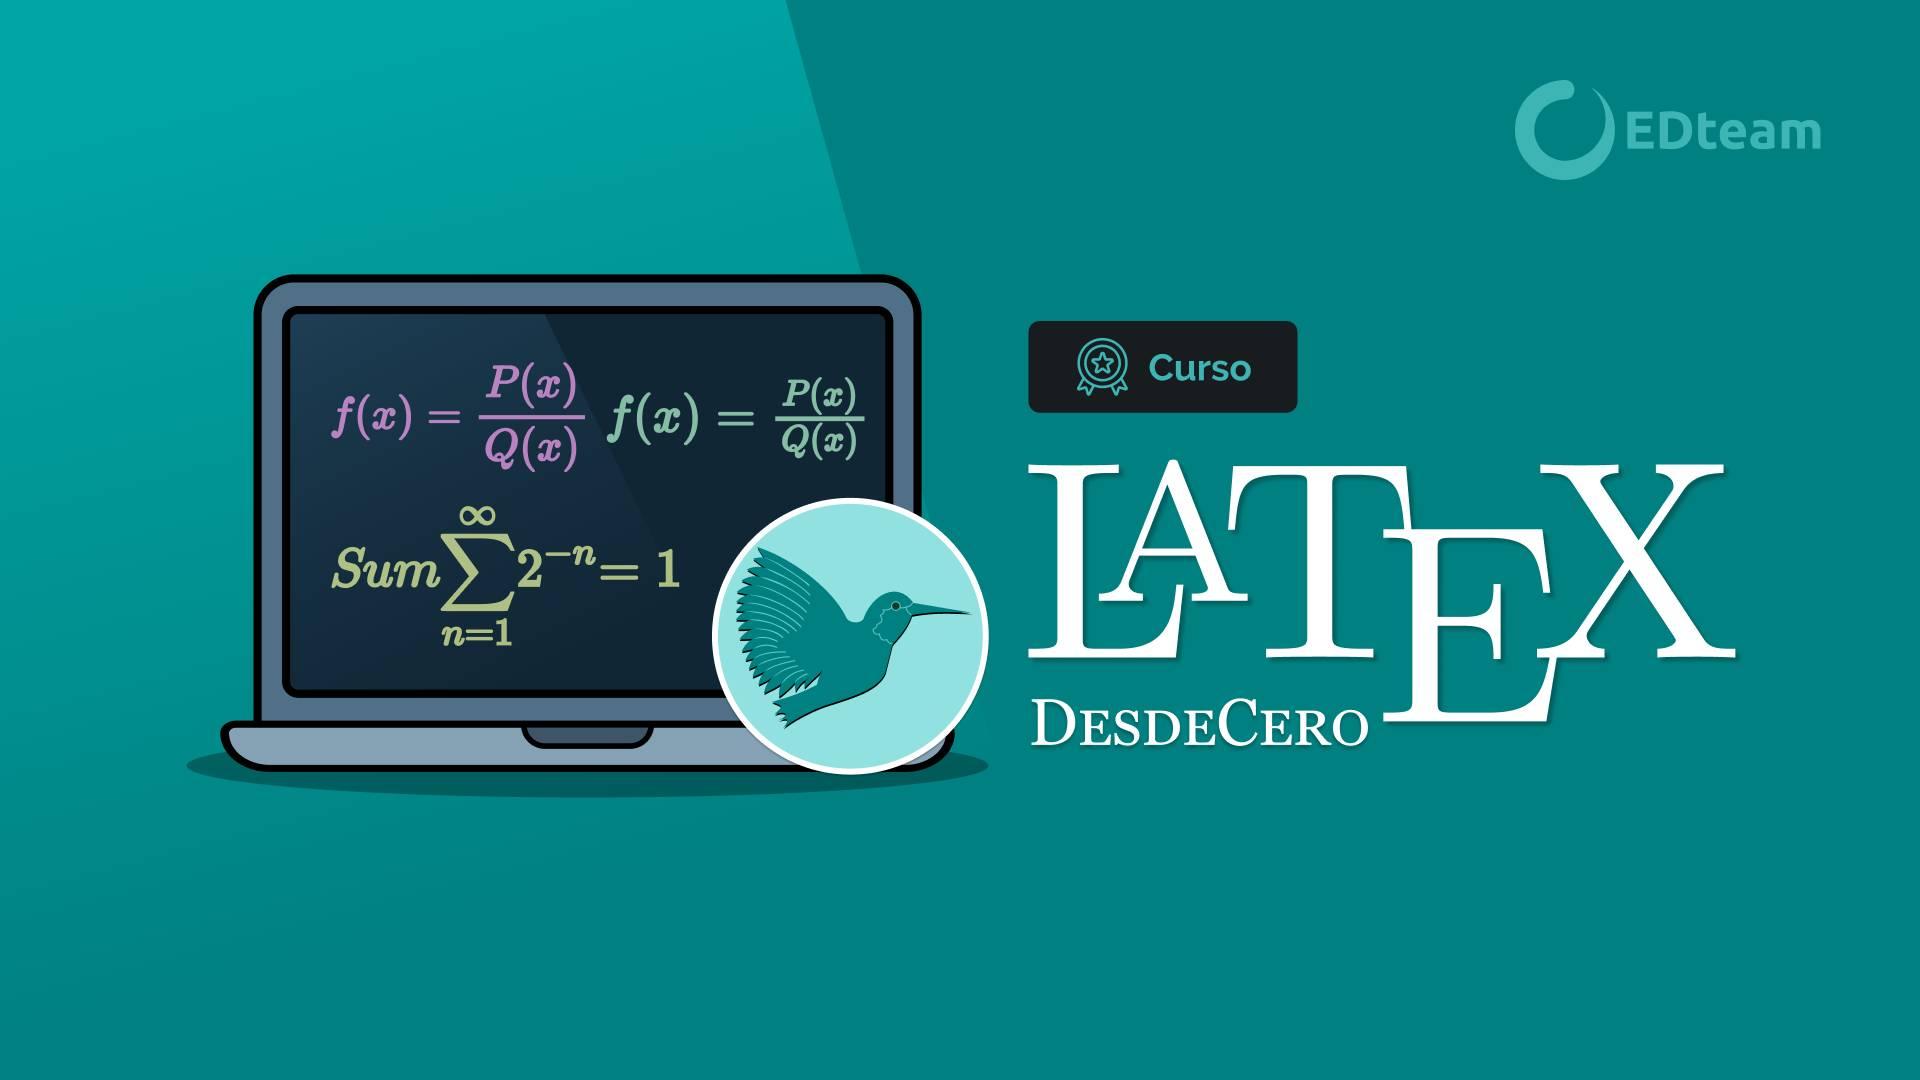 1.2. Descarga e instalación de Latex.